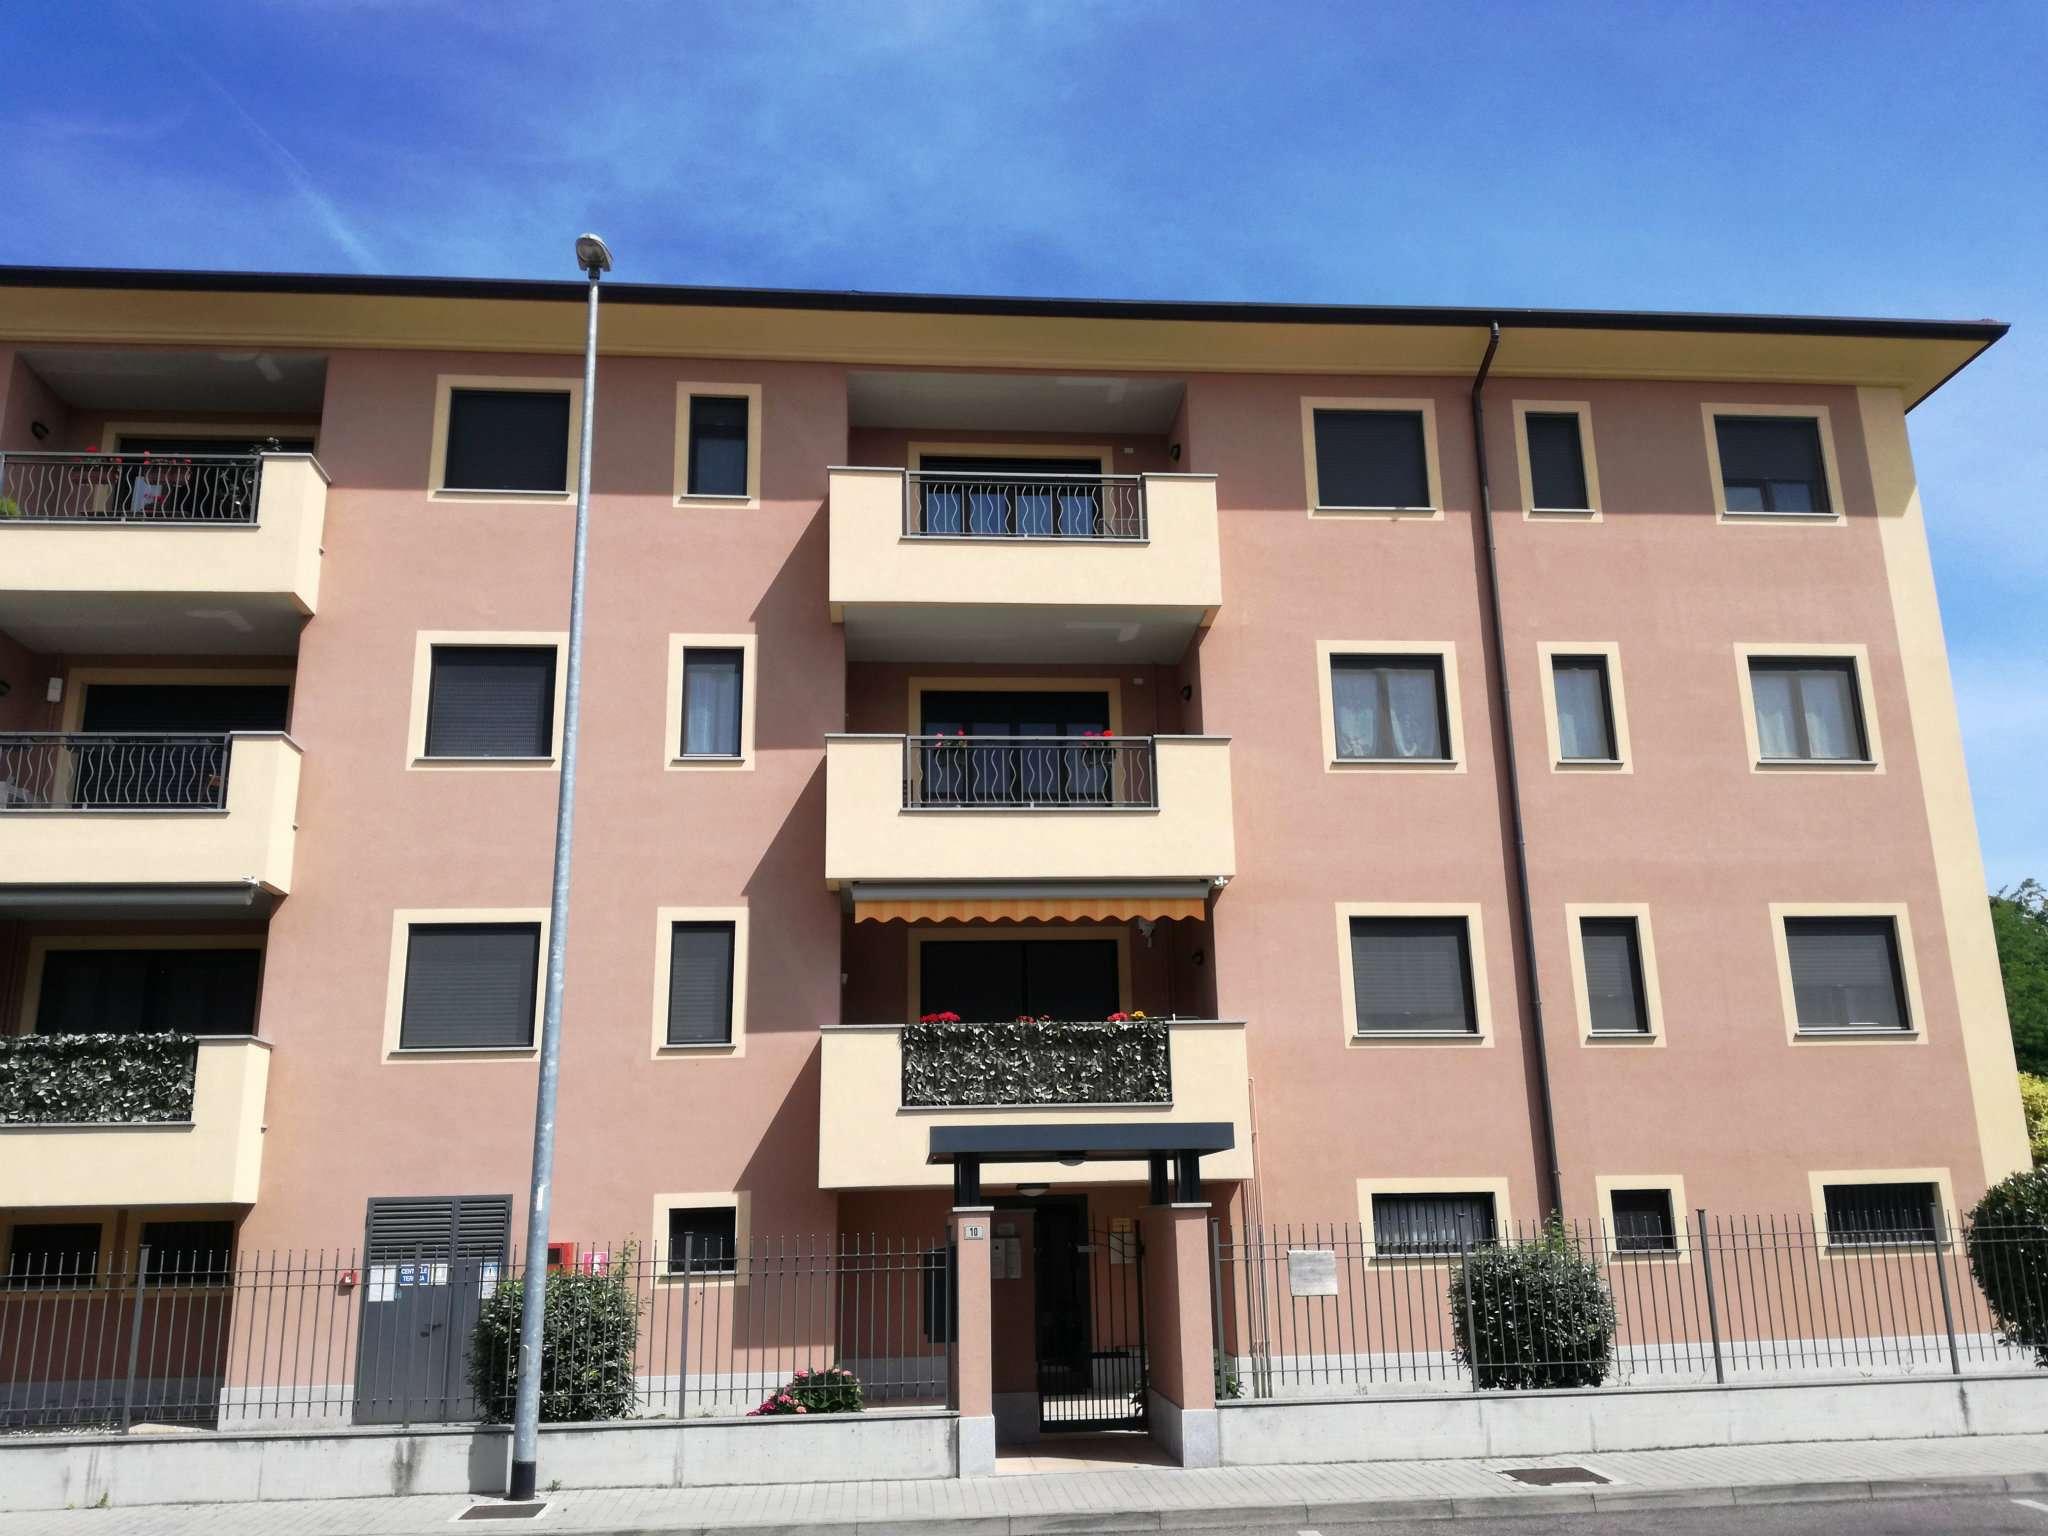 Appartamento in vendita a Sedriano, 2 locali, prezzo € 160.000 | CambioCasa.it